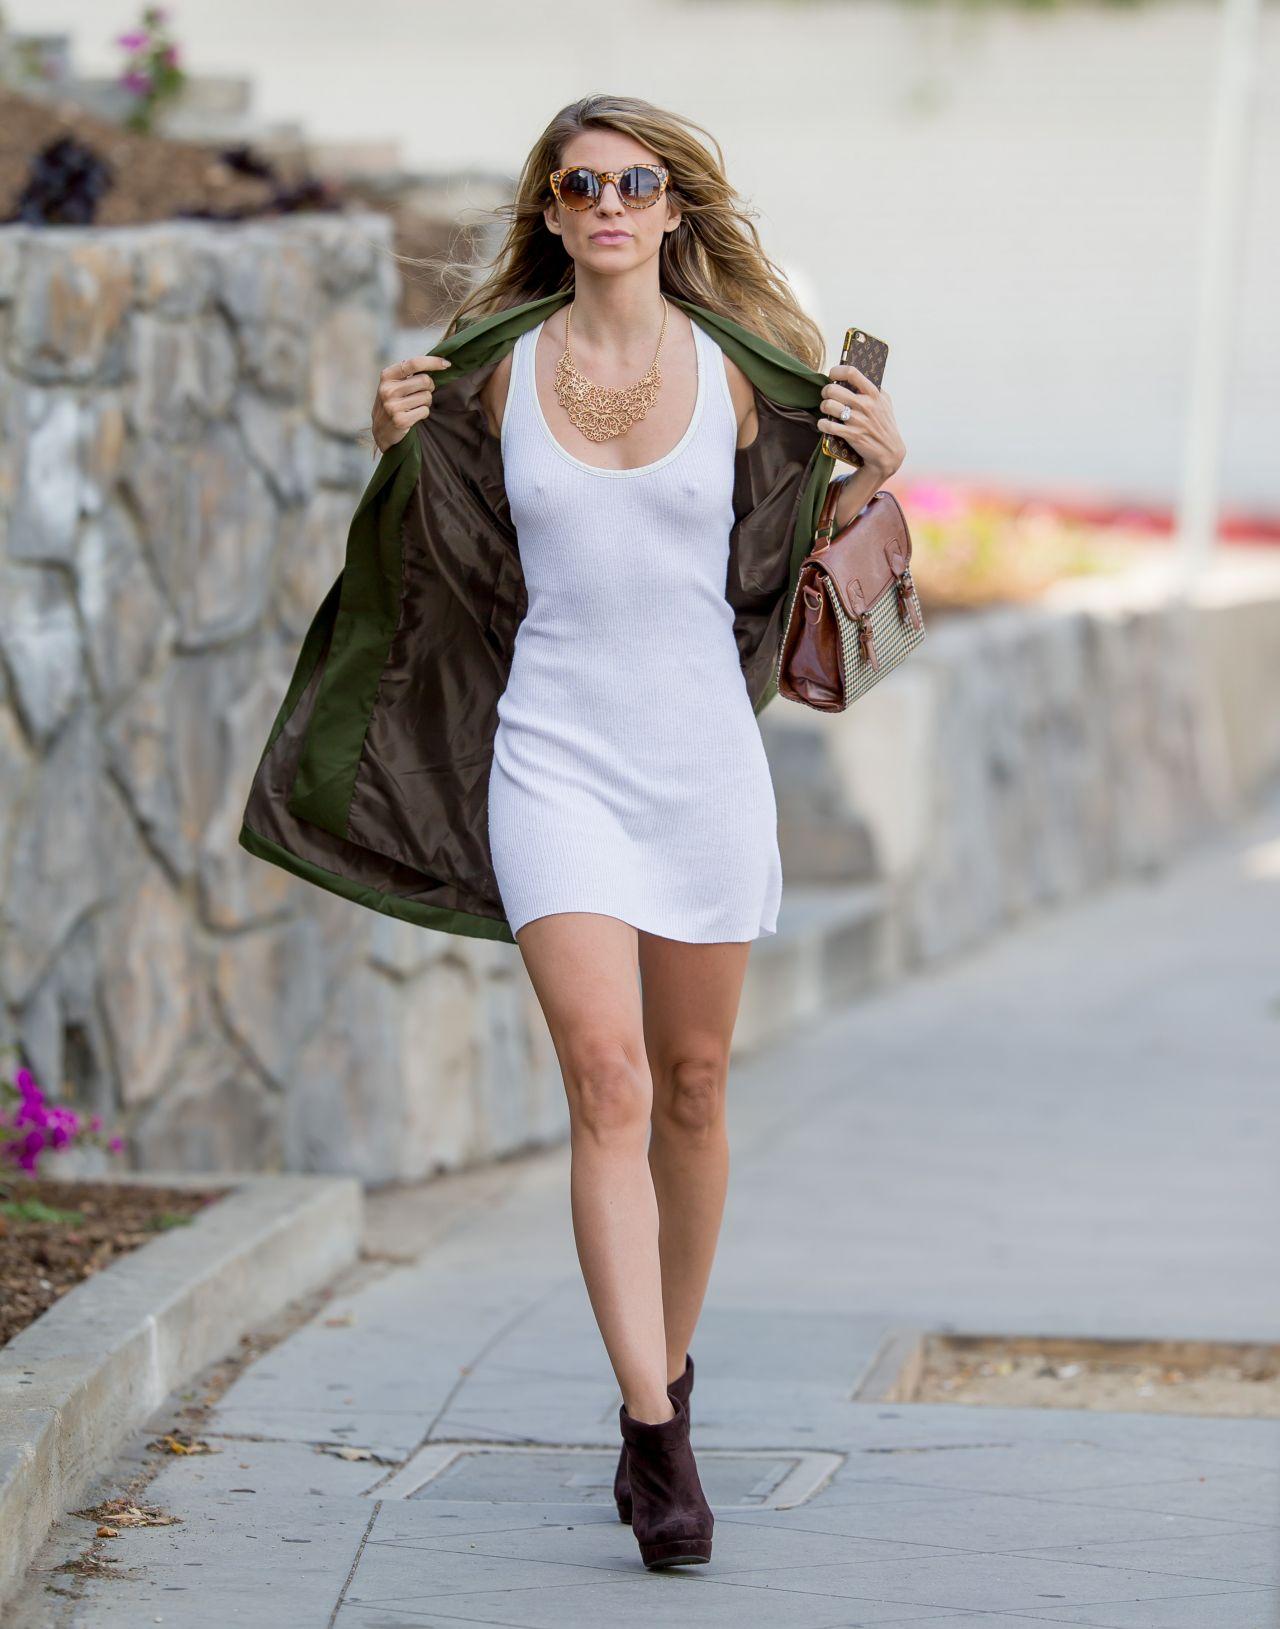 Rachel McCord Summer Outfit Ideas